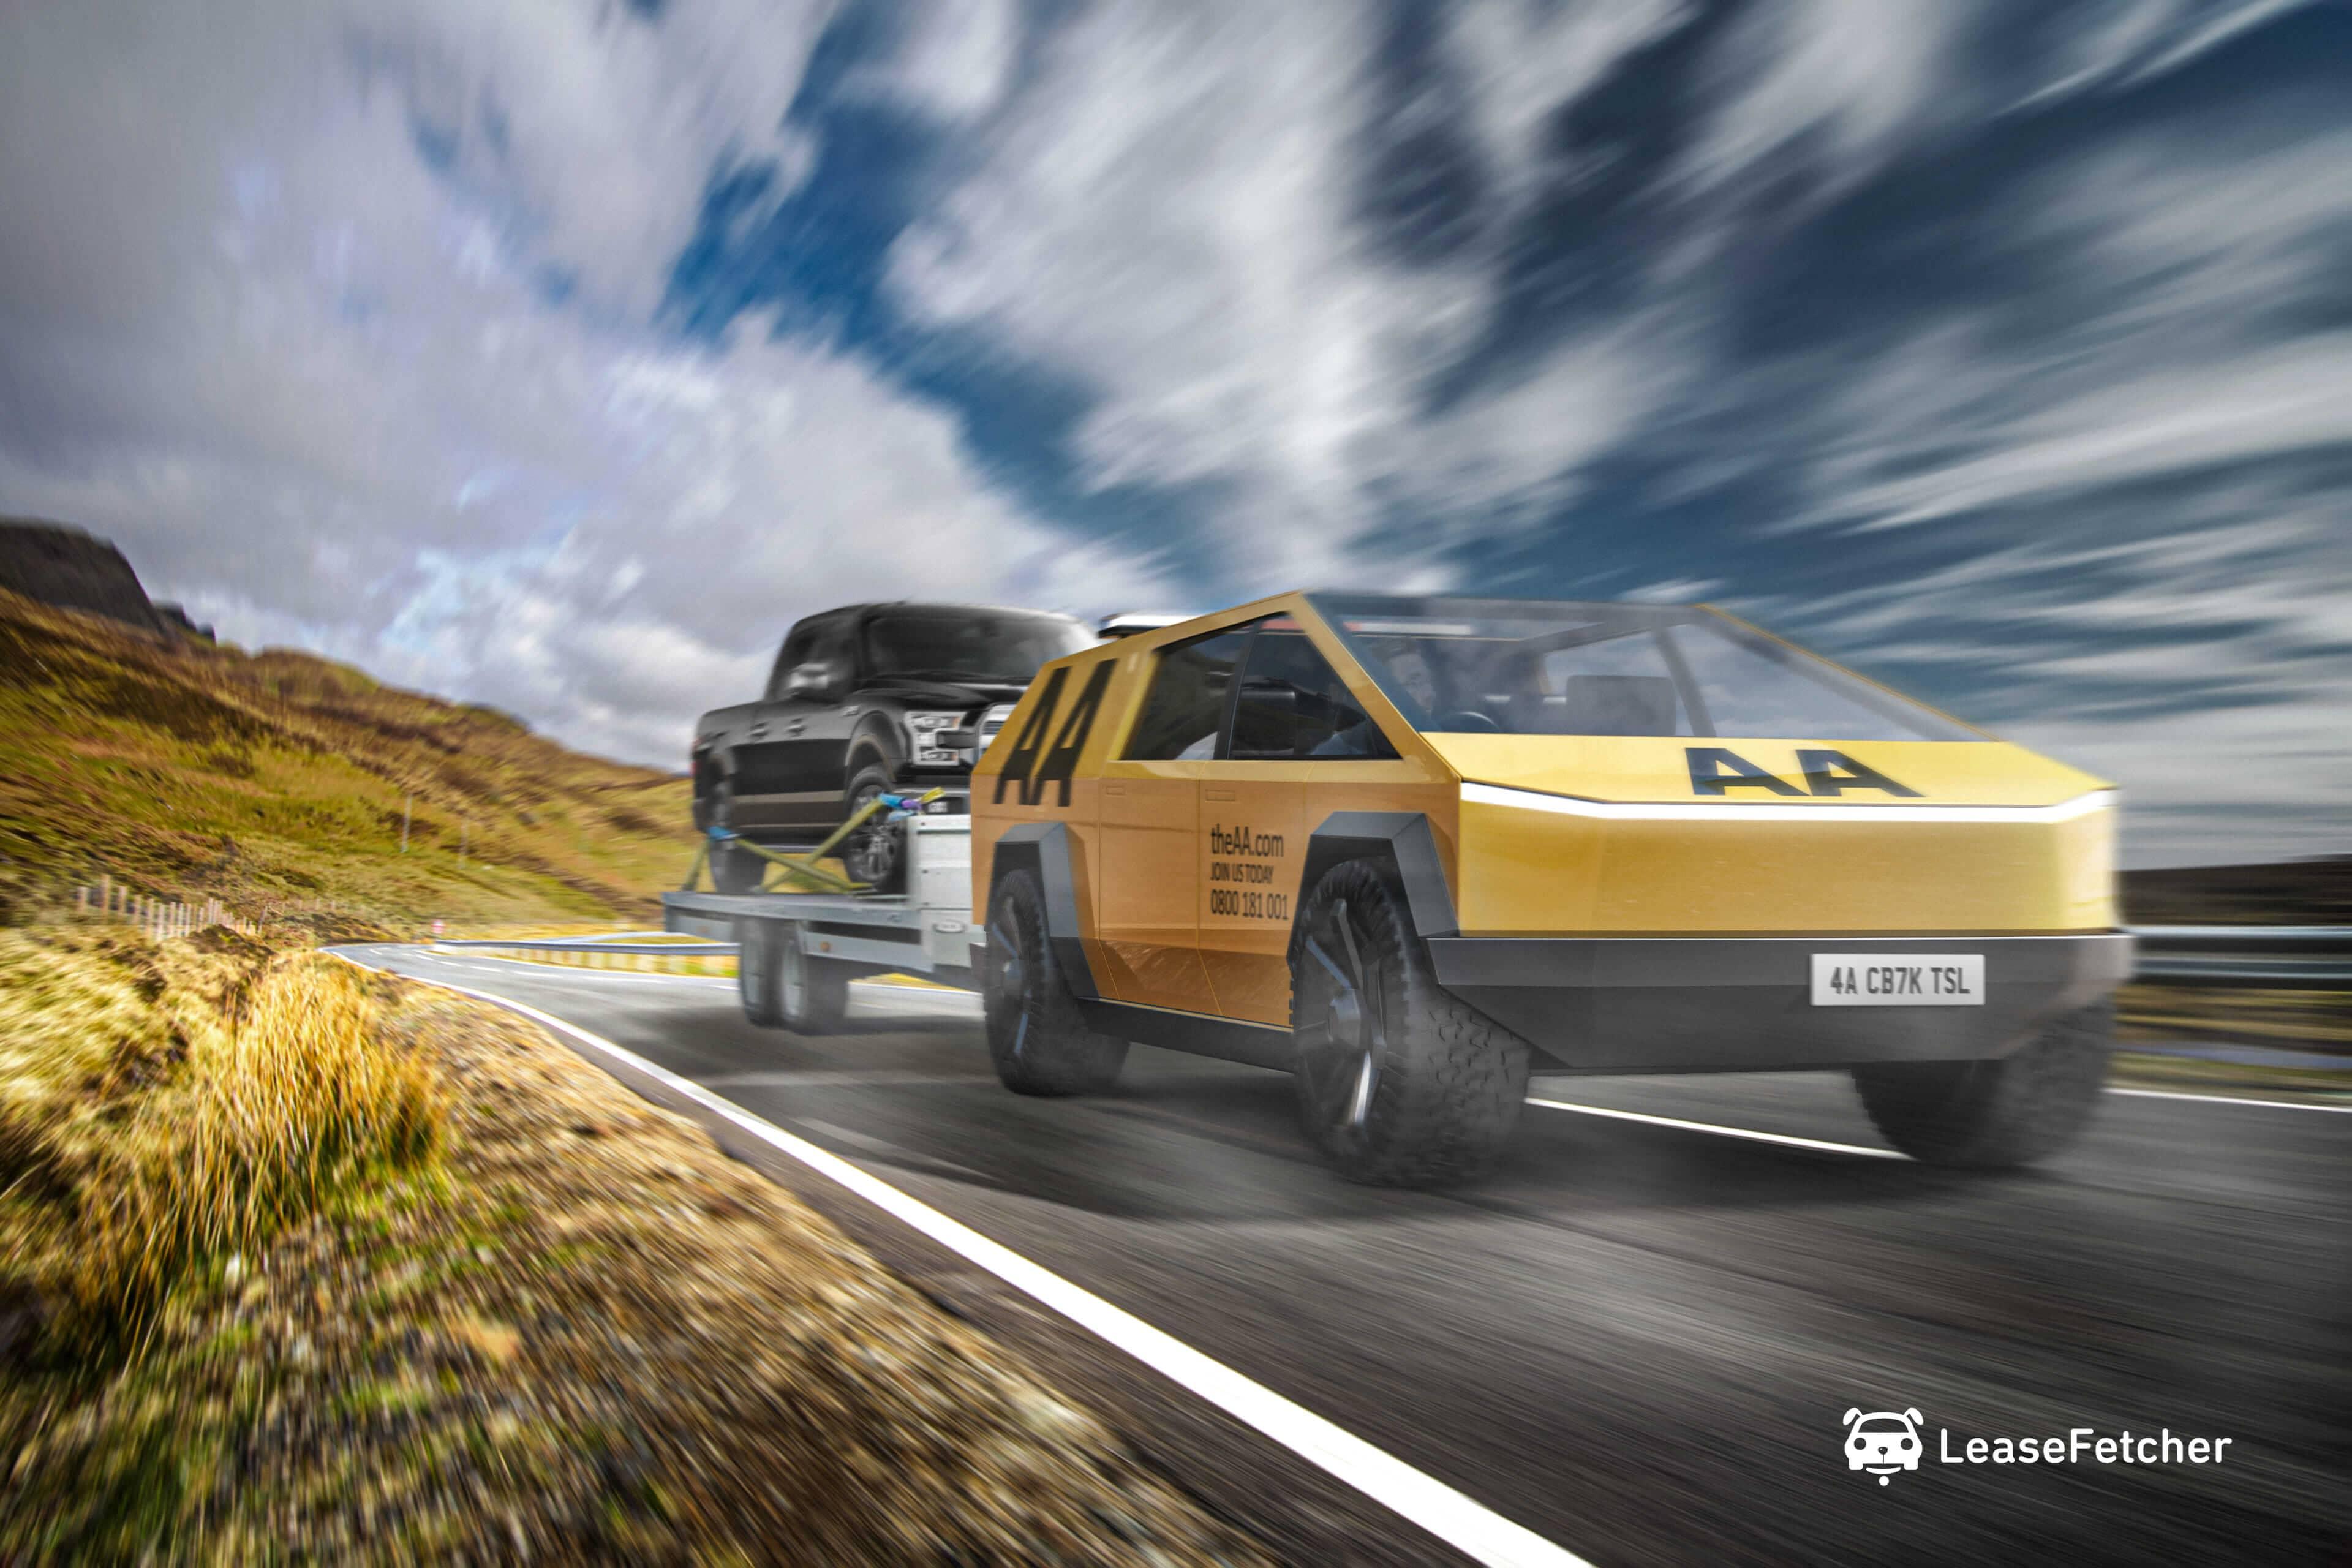 Tesla Cybertruck Roadside Assistance - LeaseFetcher